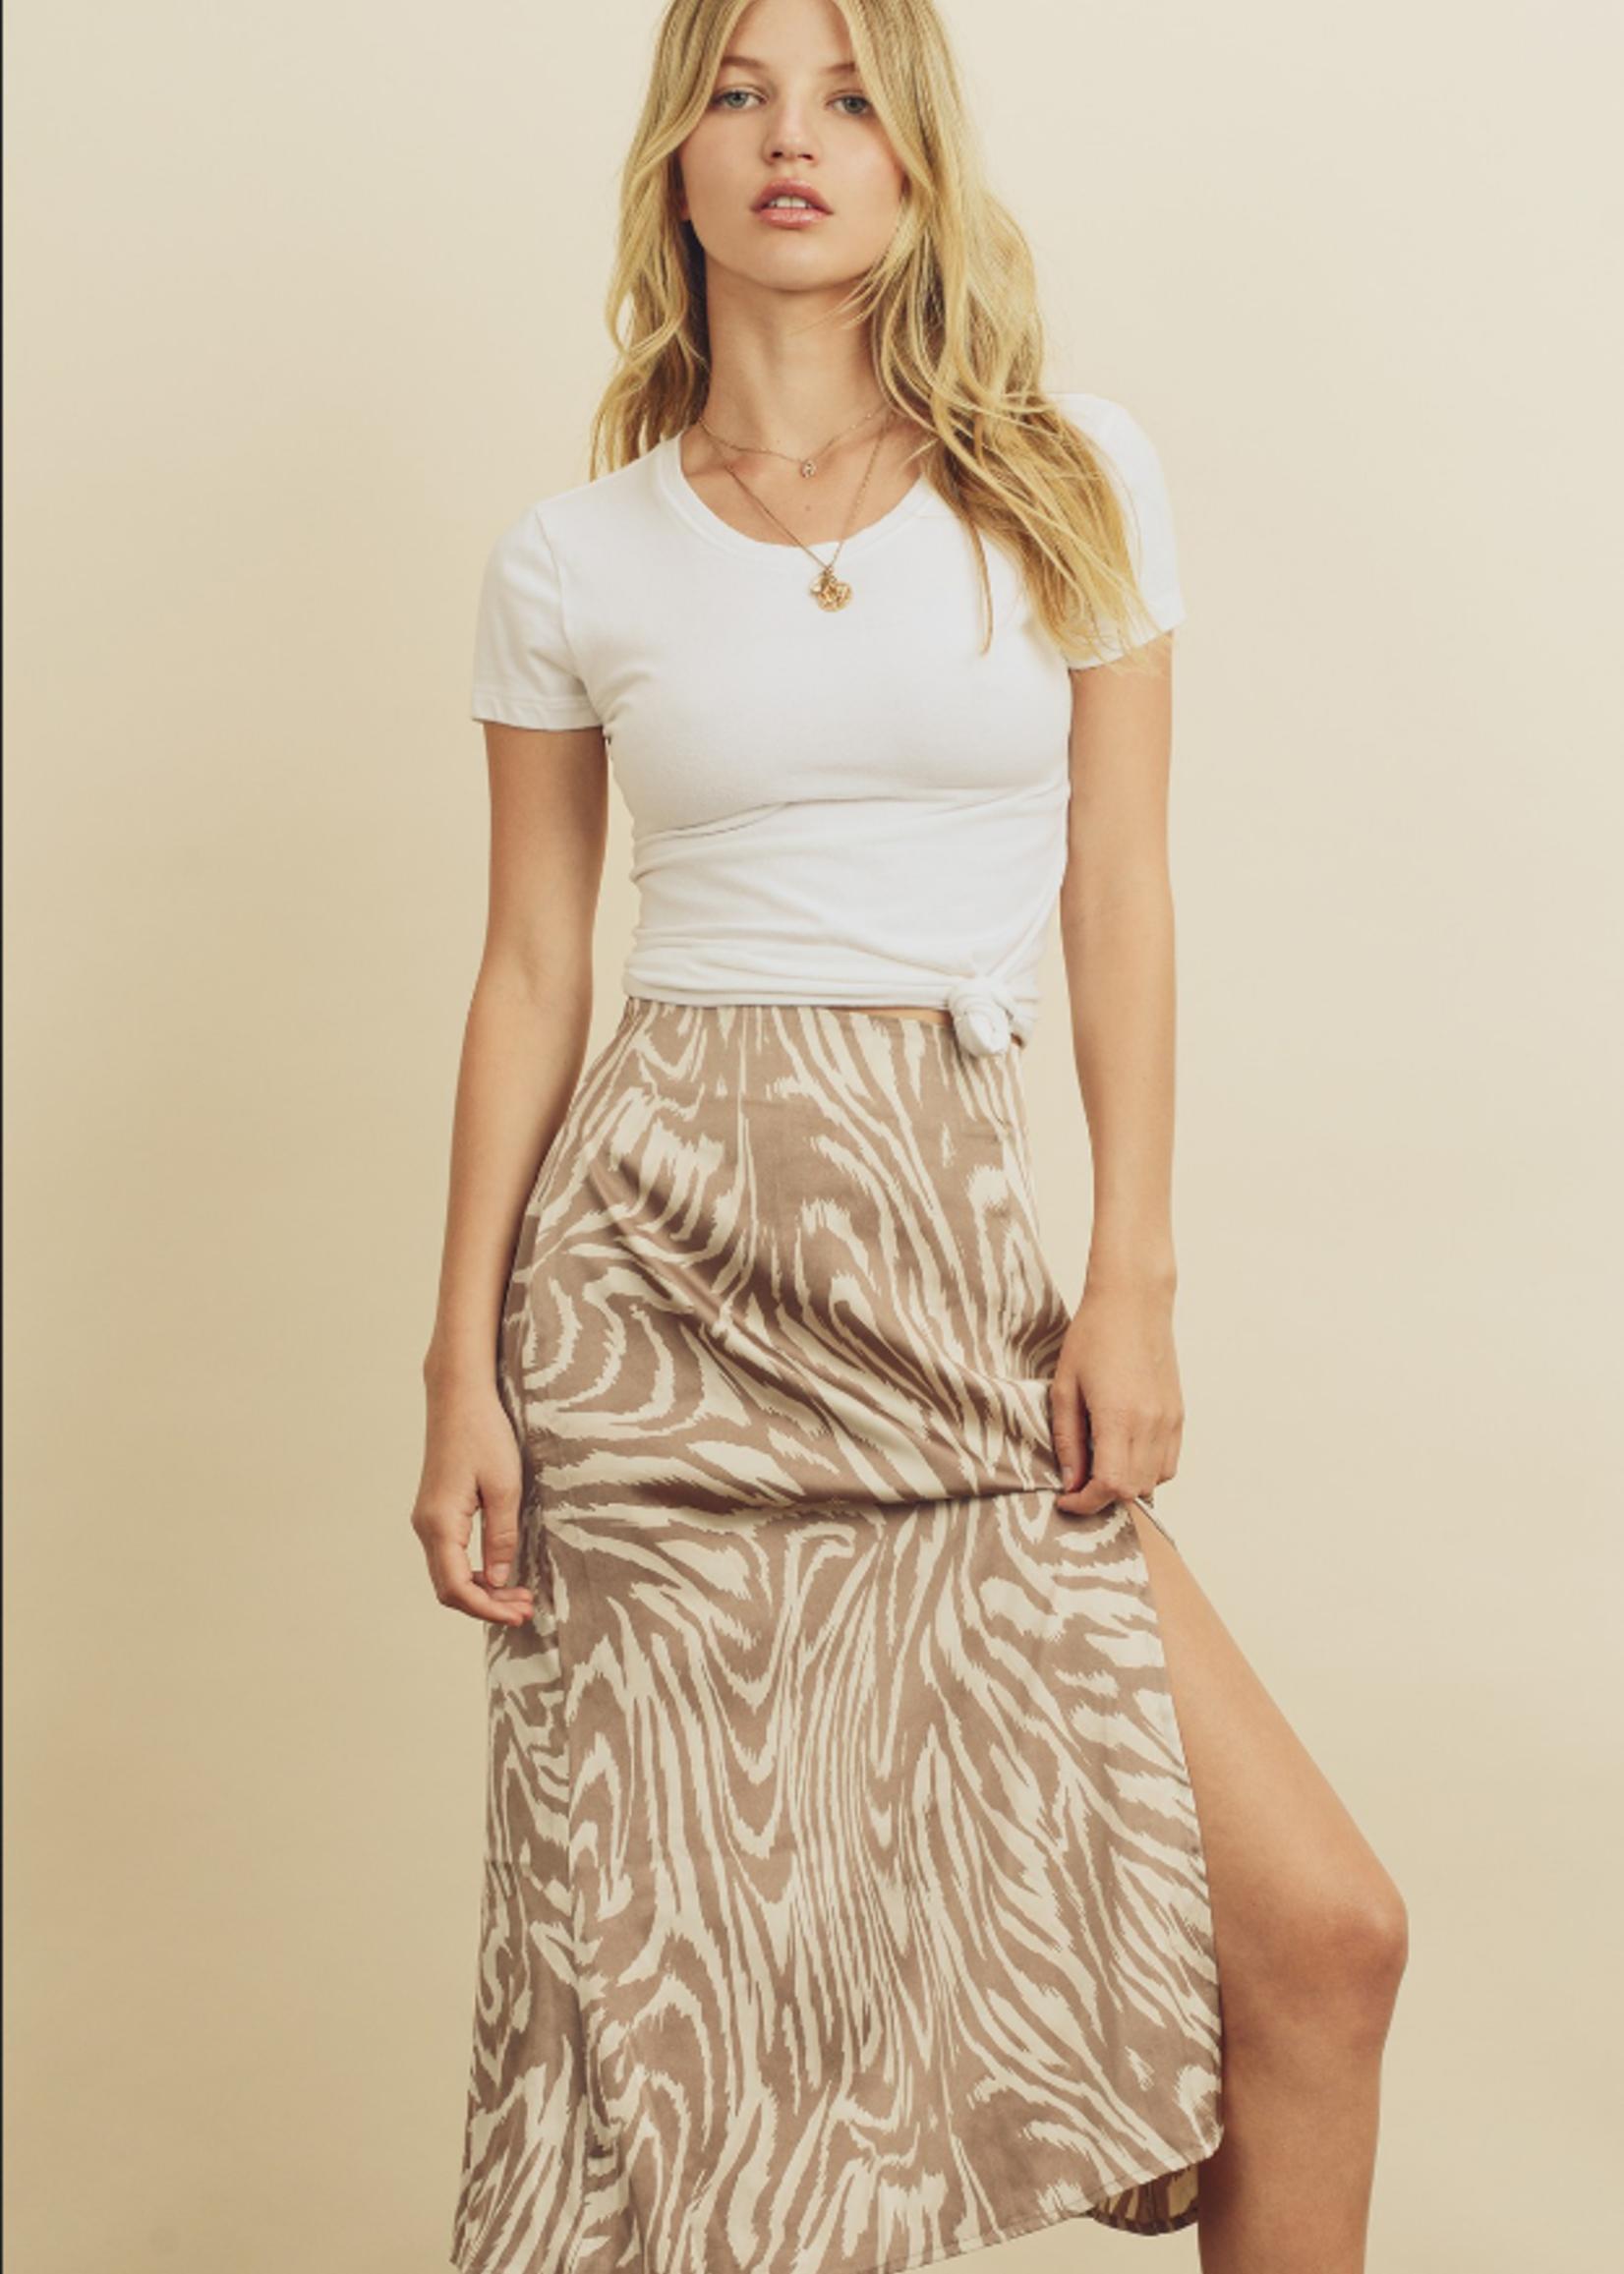 Tiger Print Midi Skirt - Light Mauve